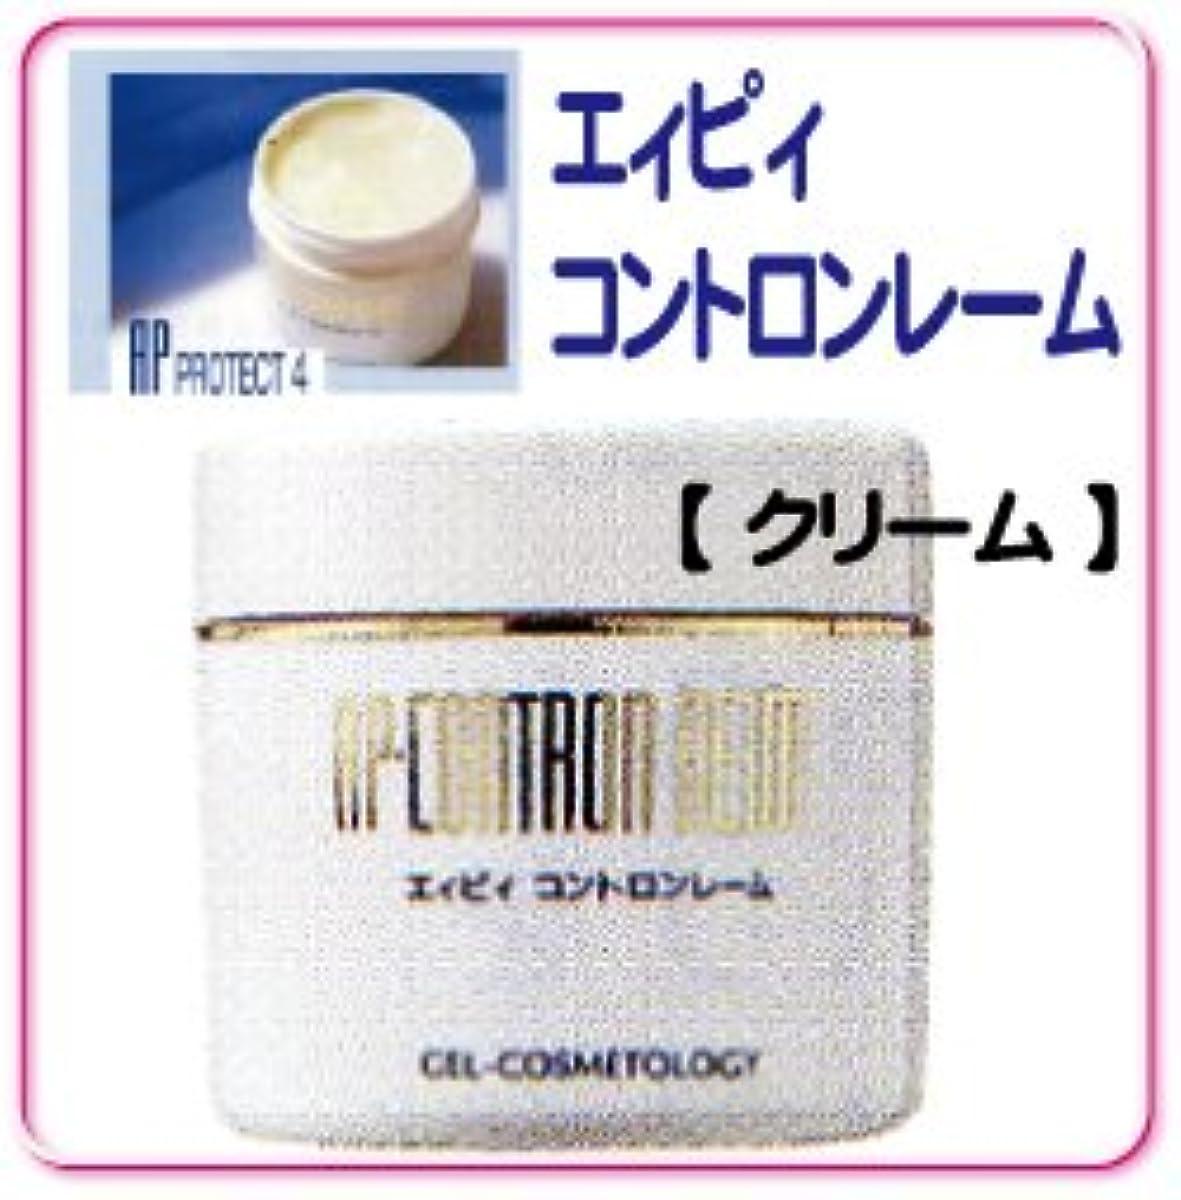 合併気分地球ベルマン化粧品 APprotectシリーズ  コントロンレーム  敏感肌用クリーム 110g